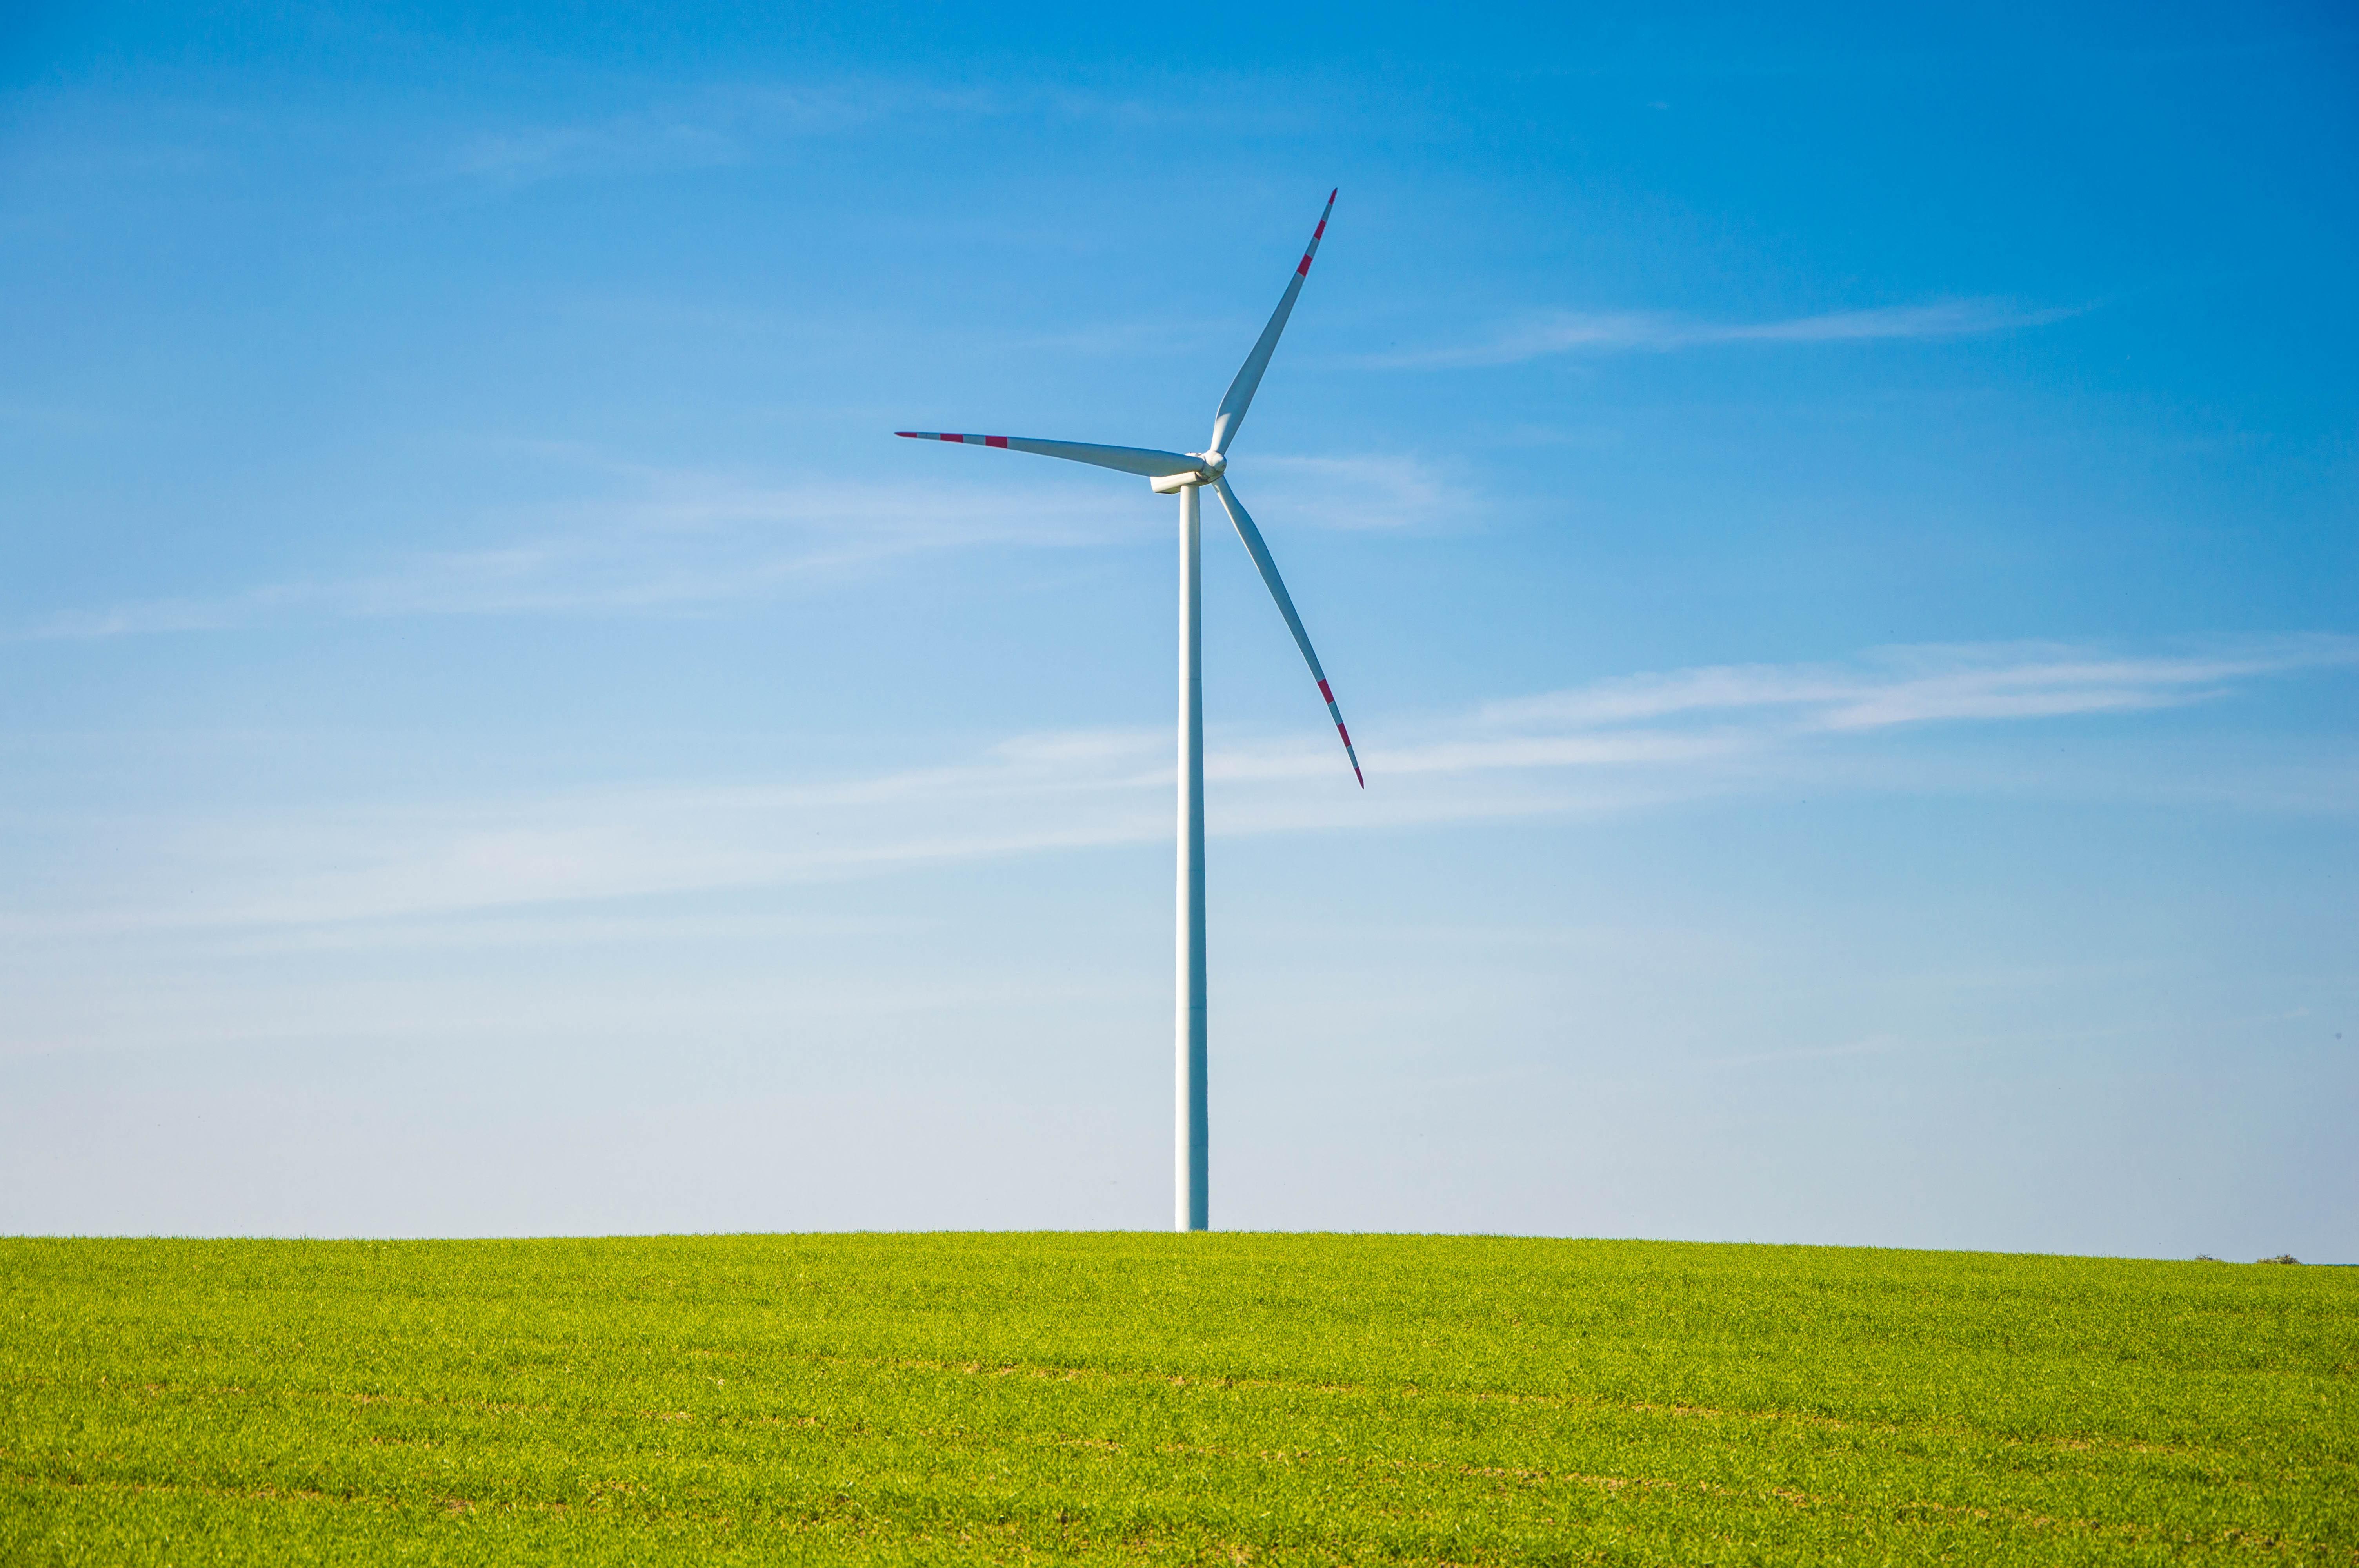 rüzgar, değirmen, windmill, yeşil enerji, süreklilik